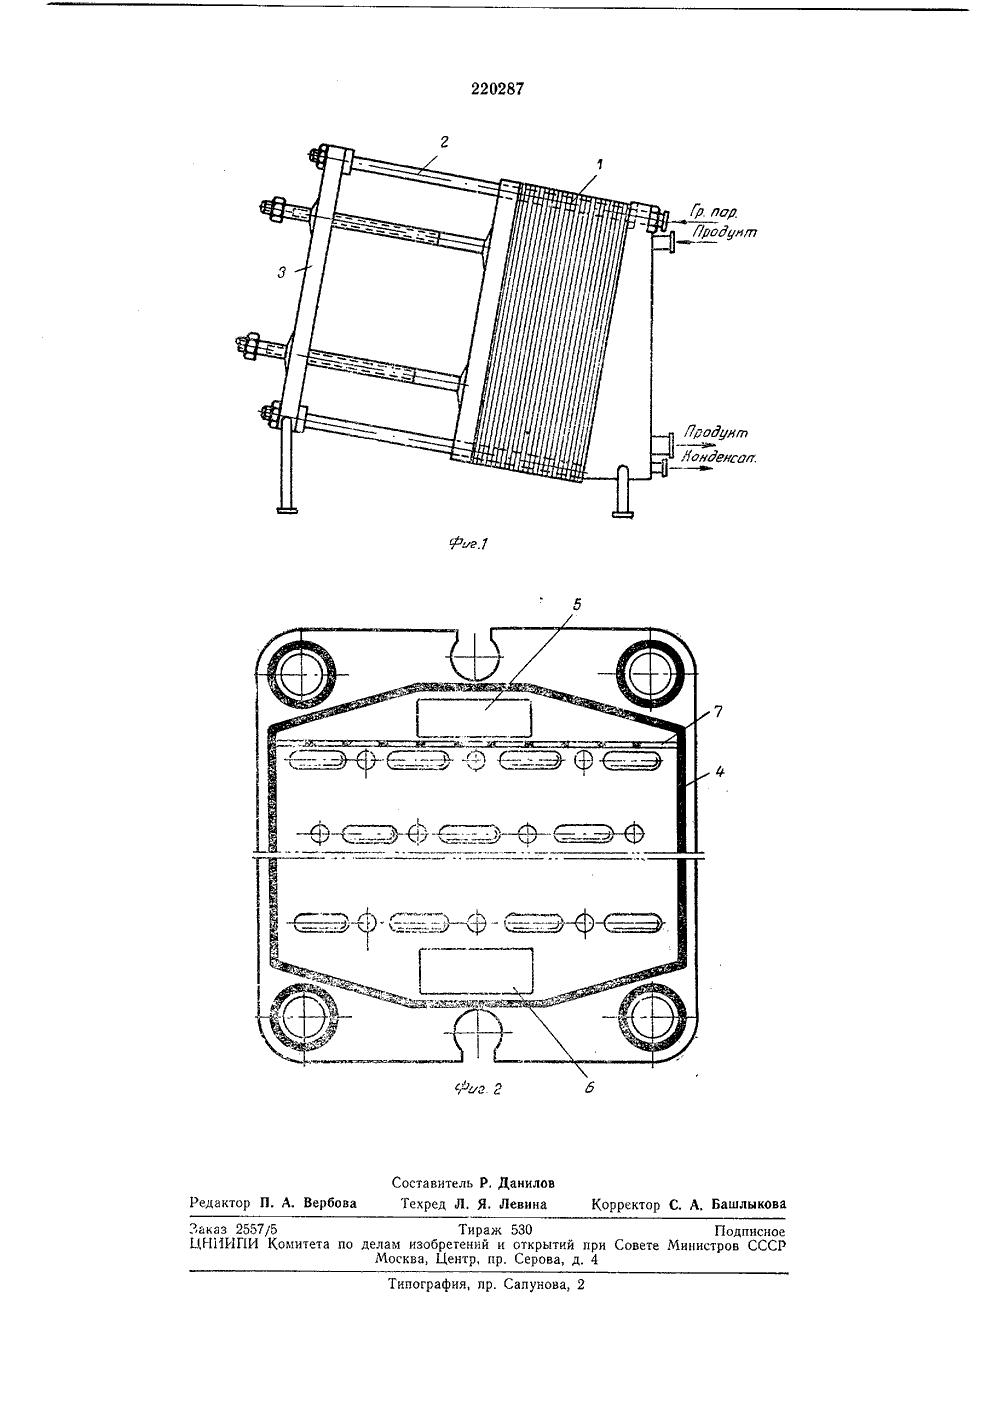 Теплообменник пластинчатый этиленгл стоимость теплообменника пластинчатого 0